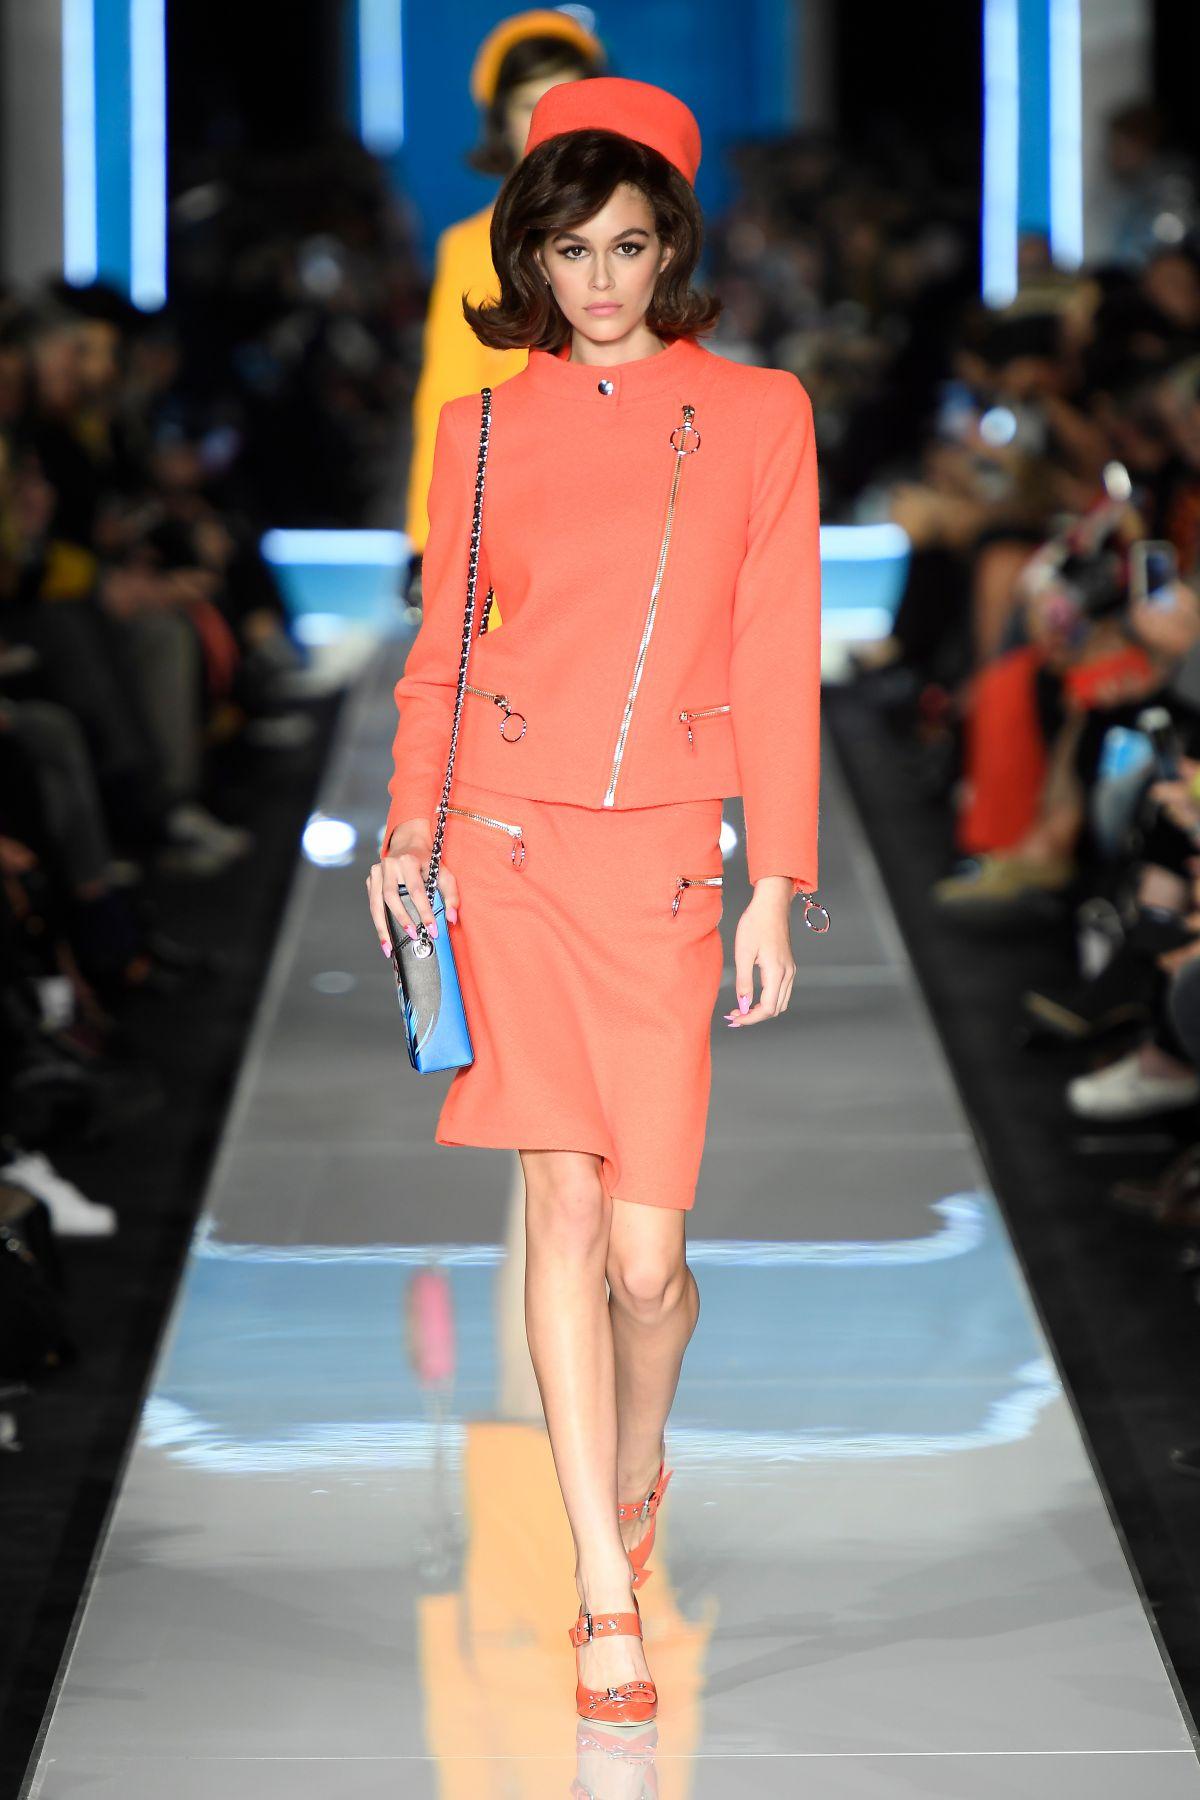 Kaia gerber at moschino runway show at milan fashion week for Runway fashion show video